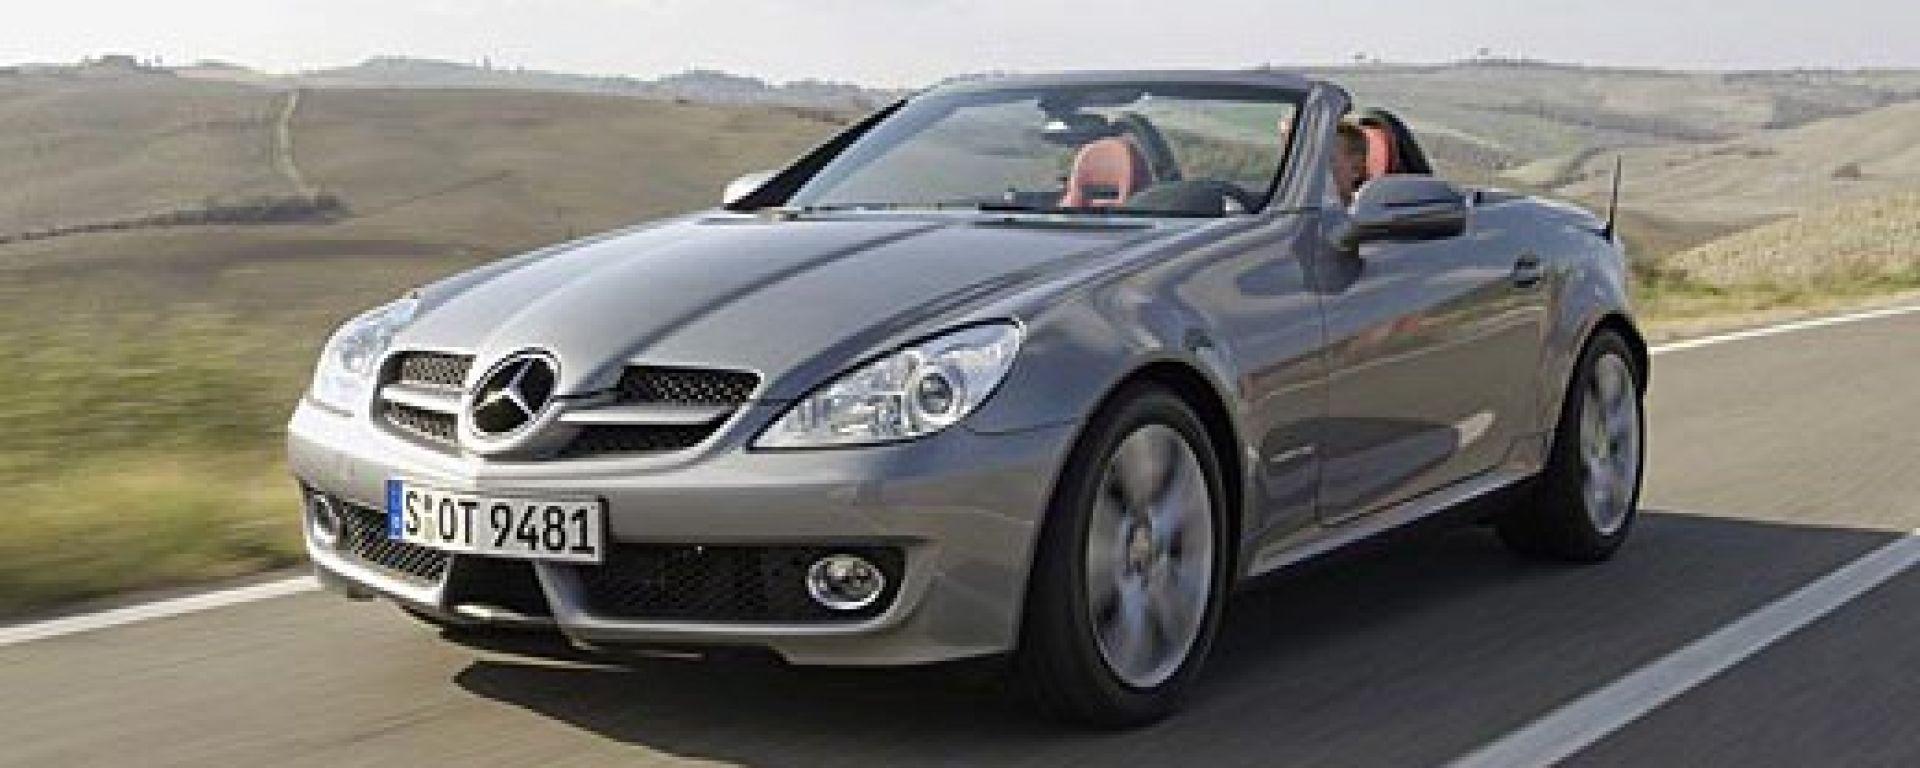 Mercedes SLK 2008